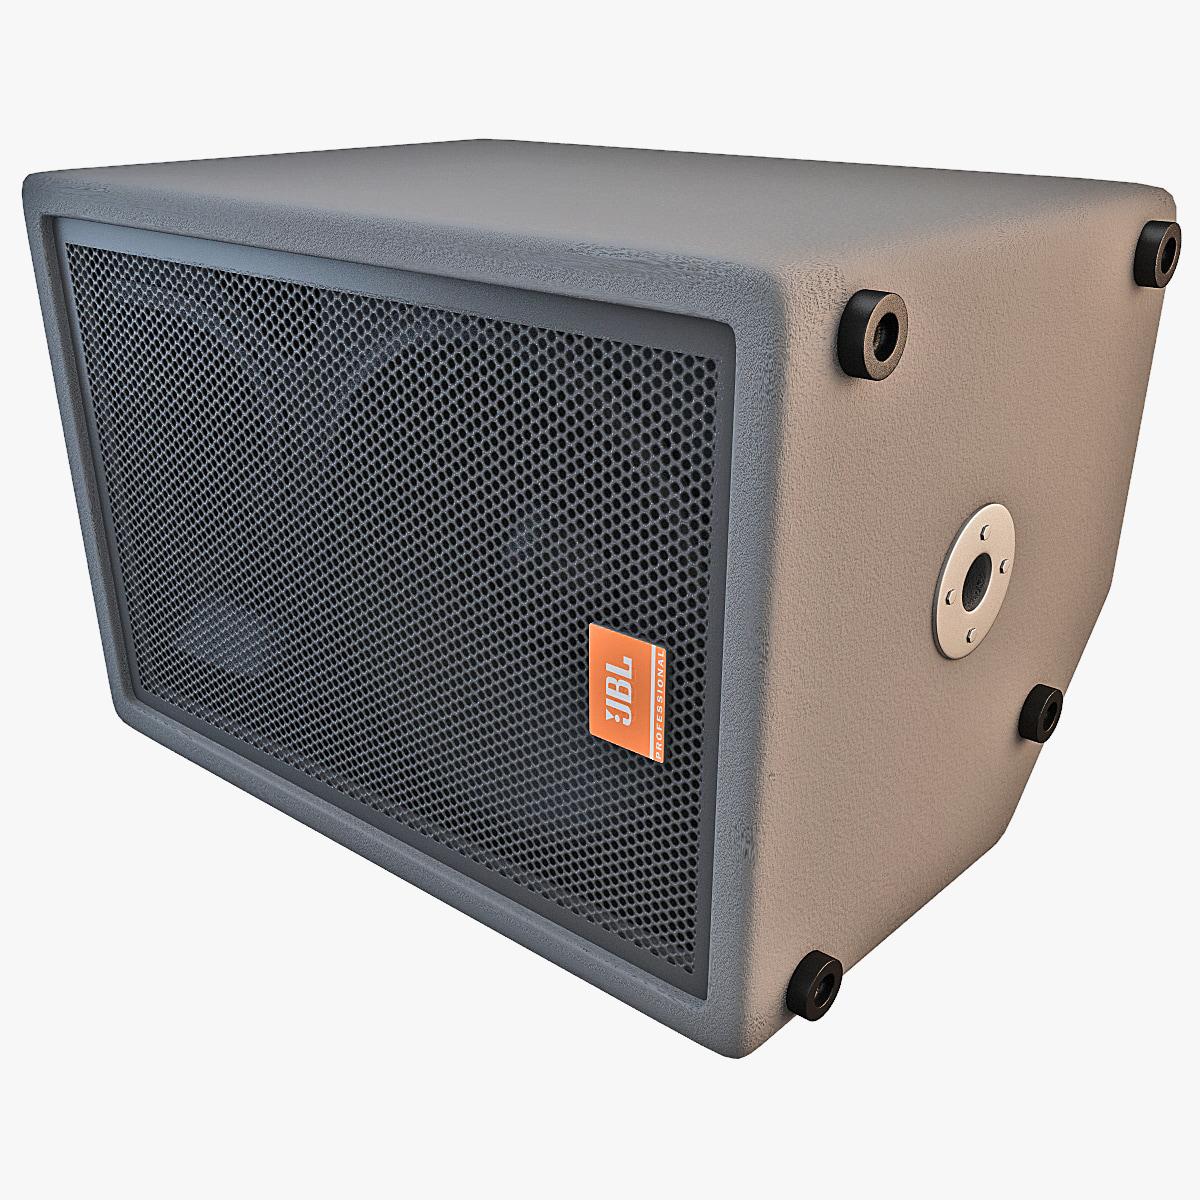 Concert_Speaker_JBL_v2_000.jpg